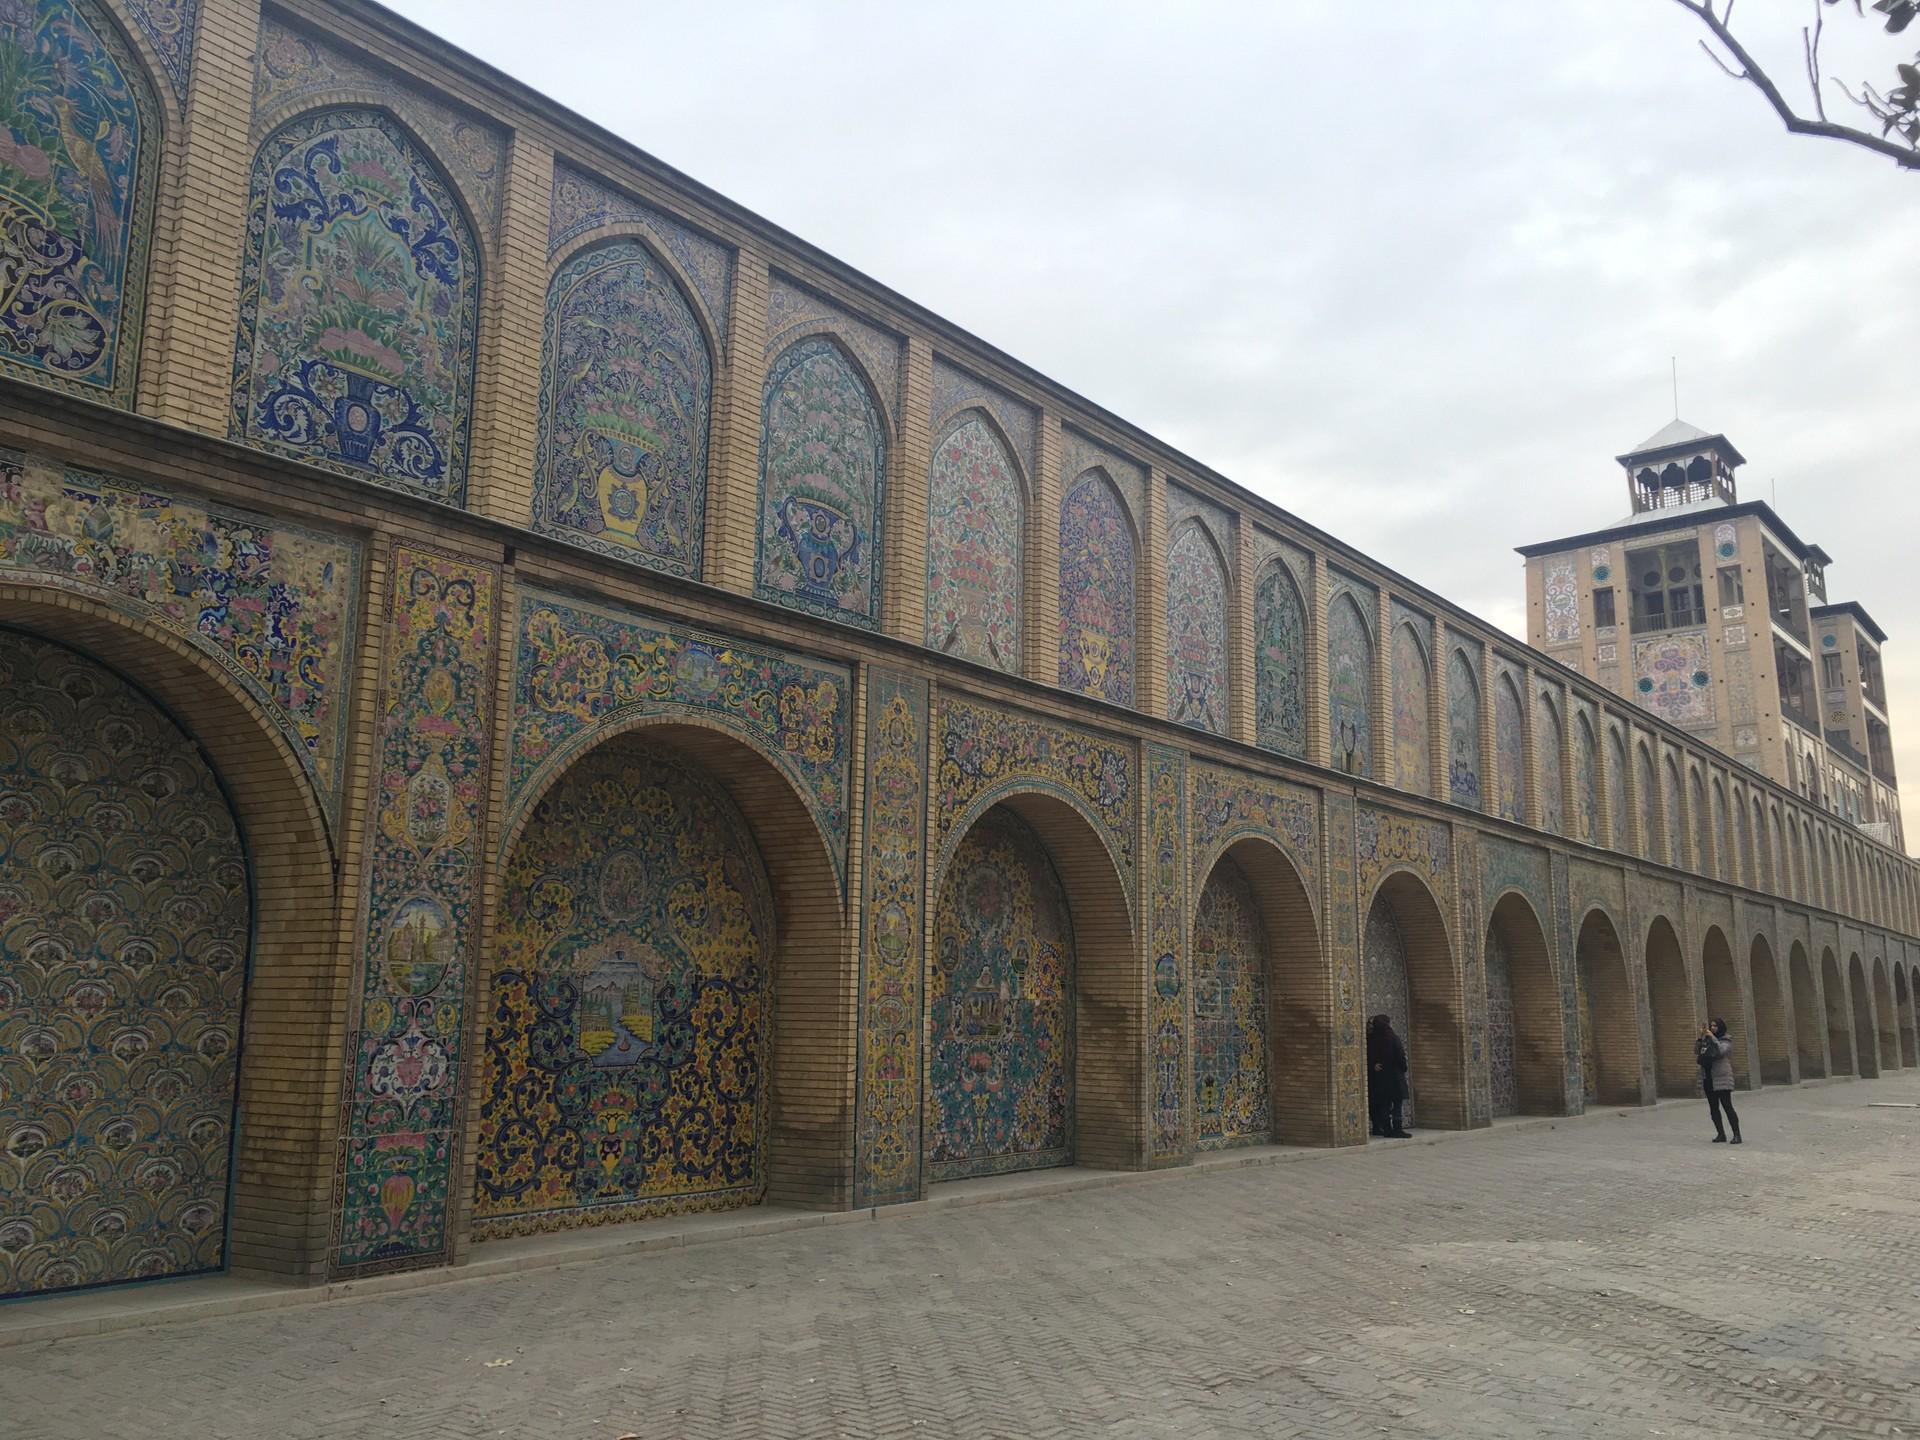 golestan-palace-complex-pt-2-0628f29c60c